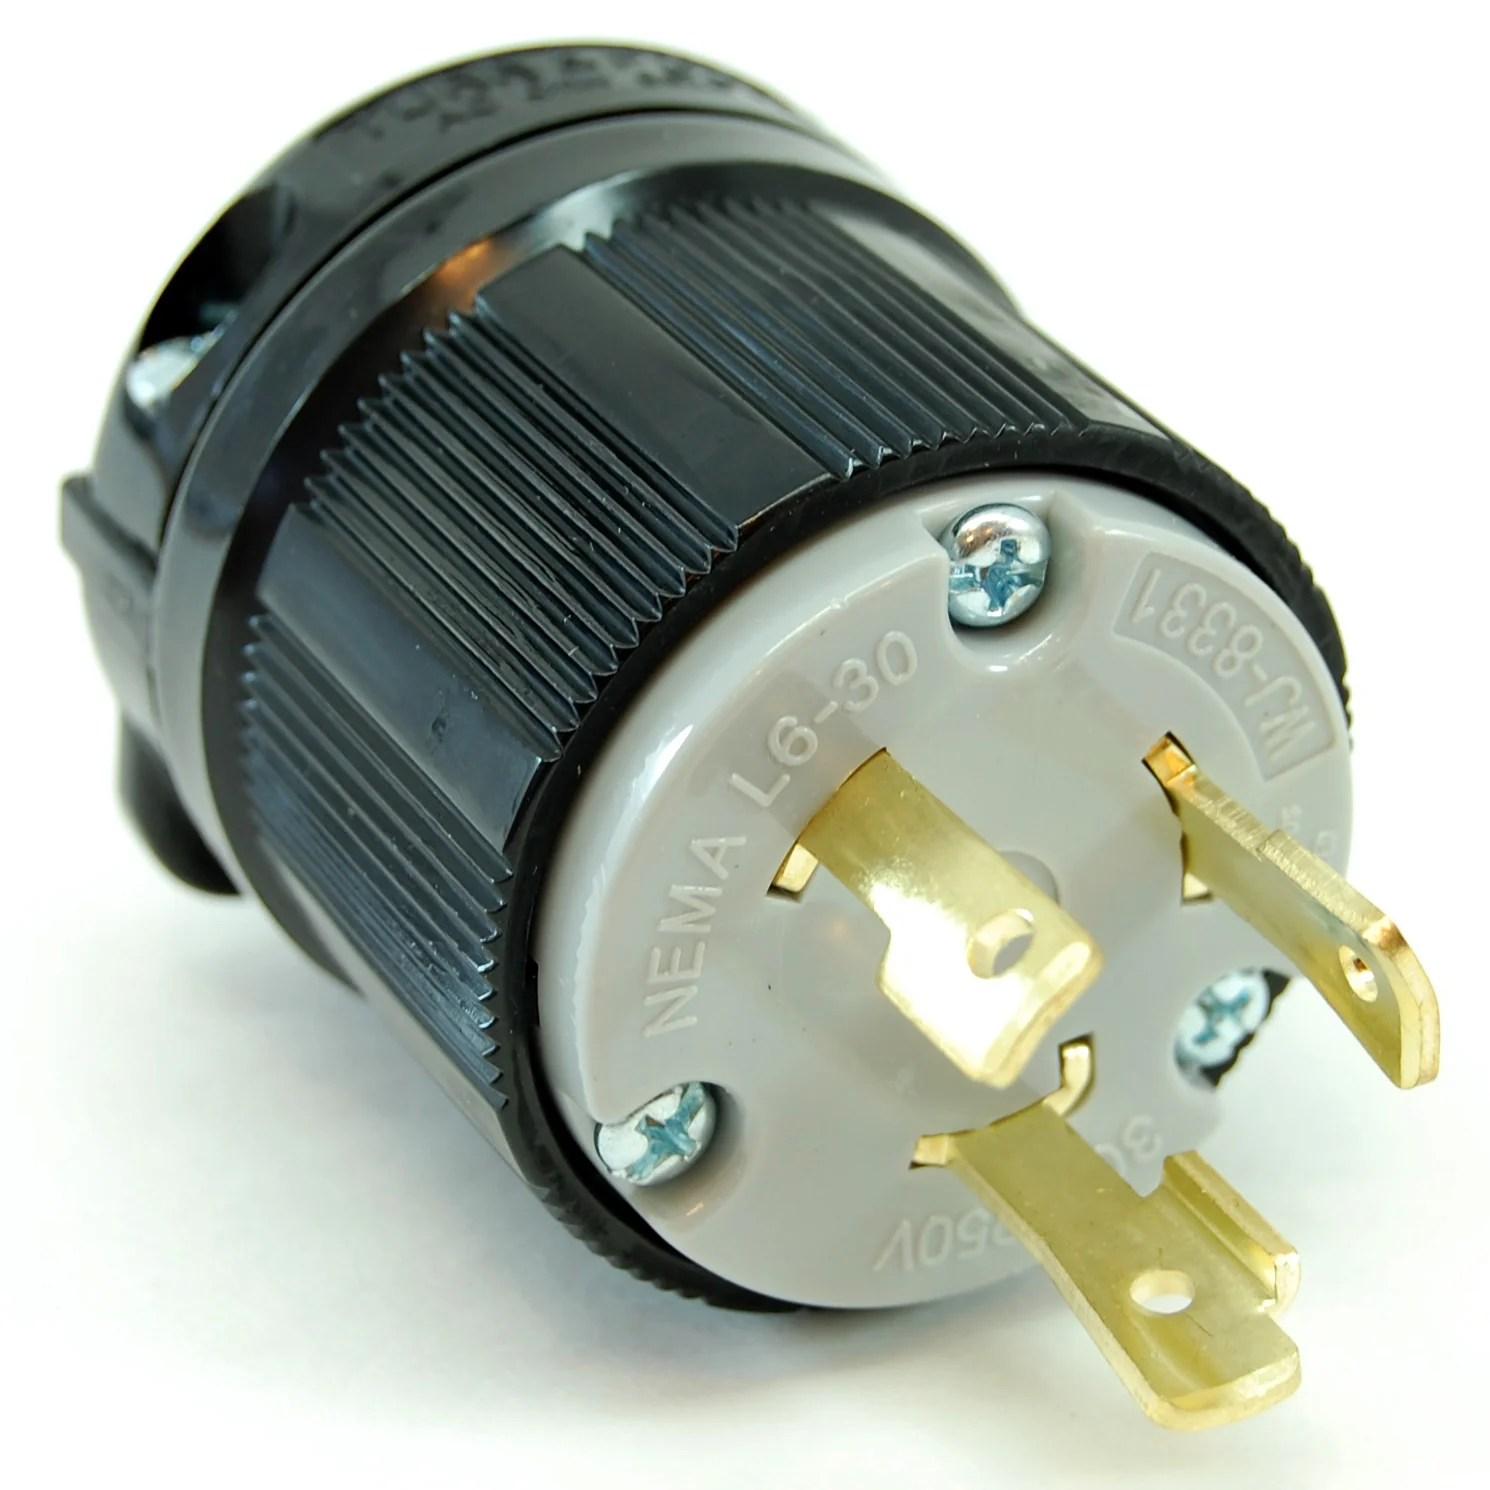 nema l6 30 250vac 30a twist lock electrical male plug [ 1490 x 1490 Pixel ]